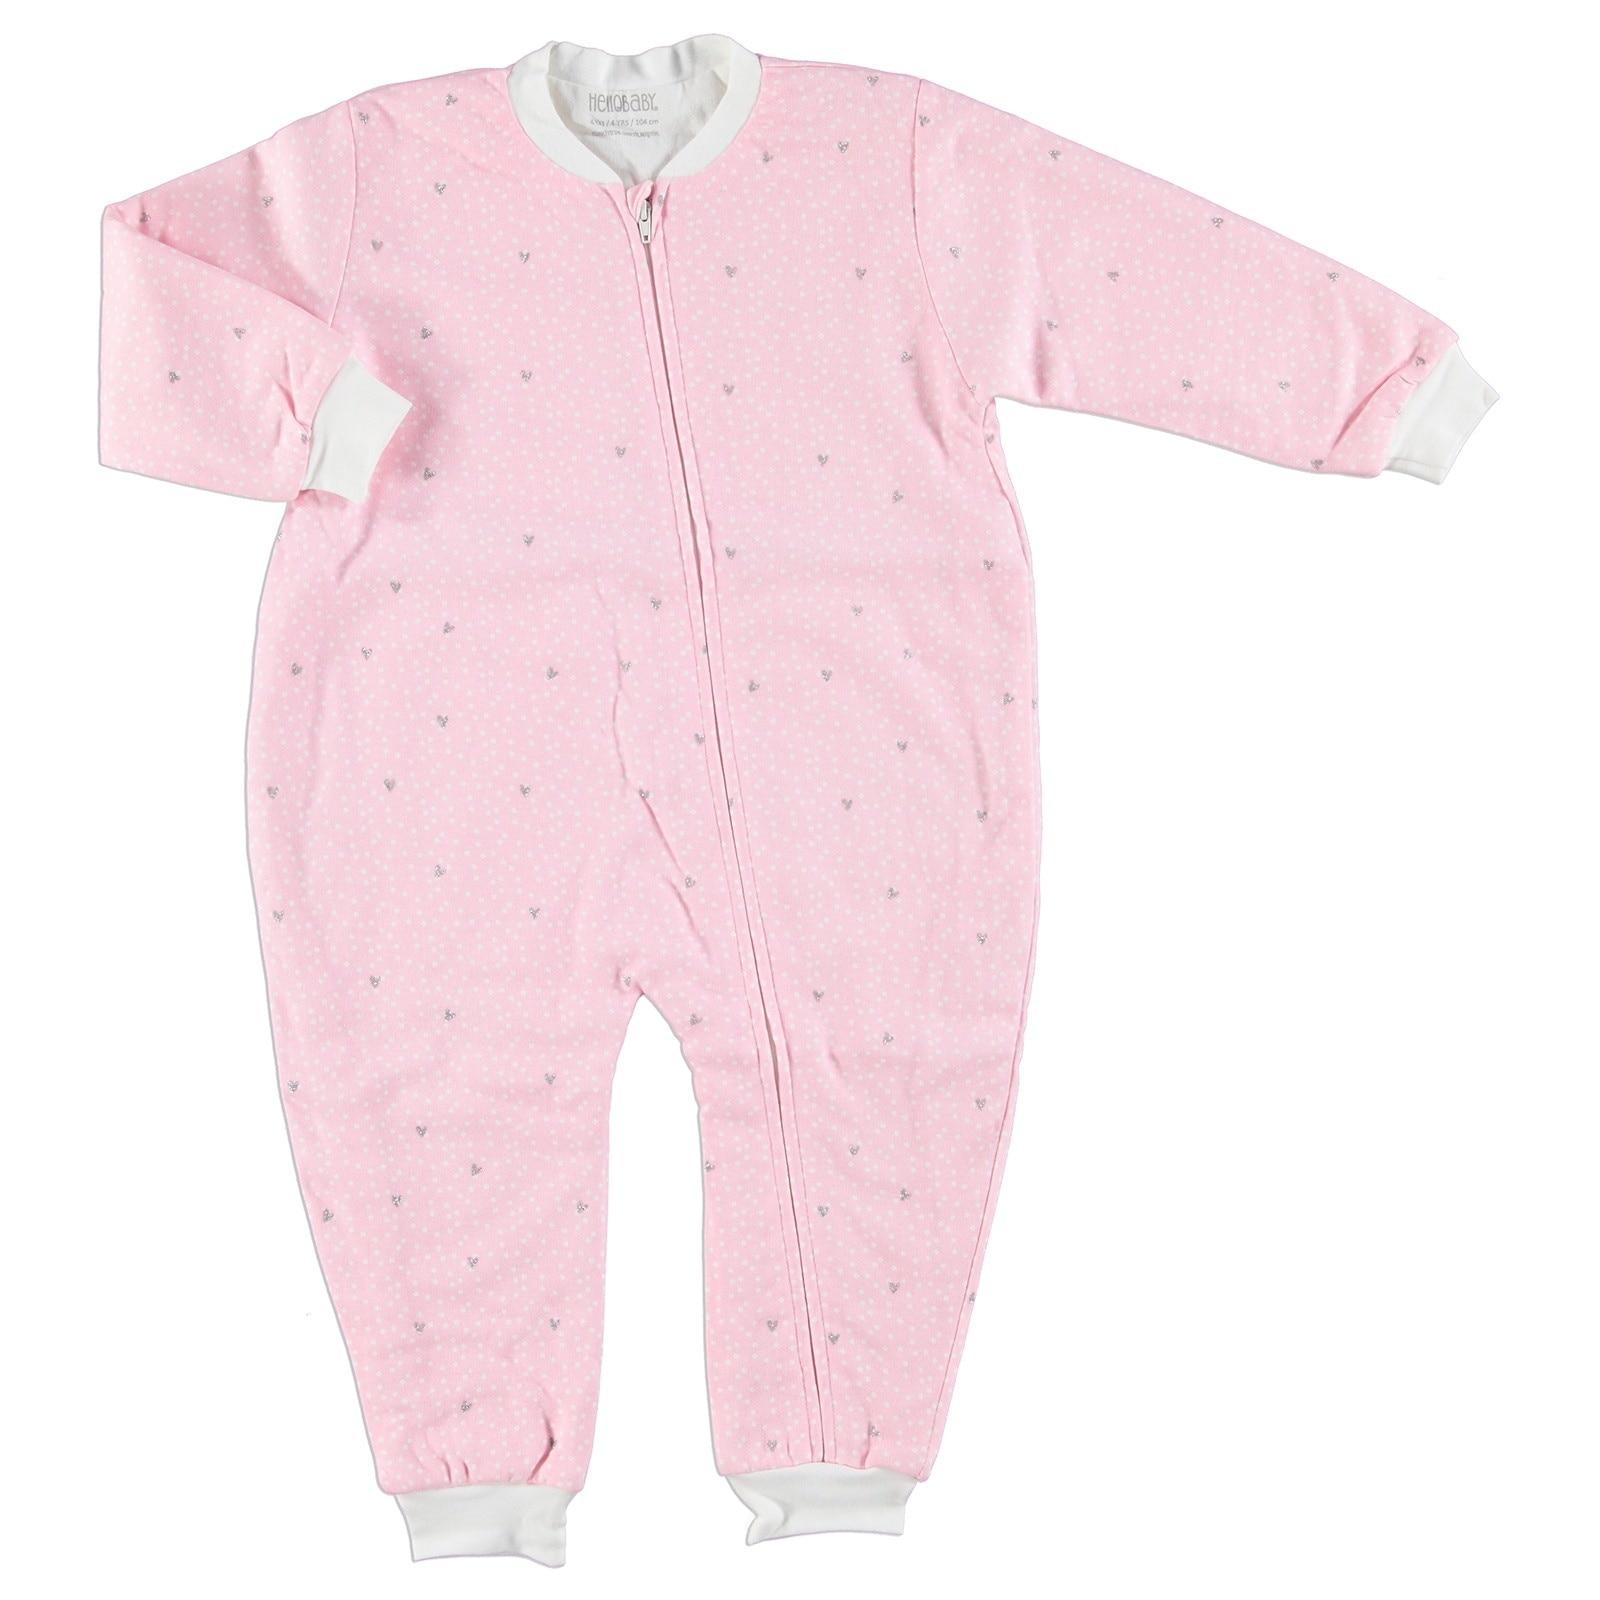 Ebebek HelloBaby Silvery Heart Printed Baby Sleepsuit Romper